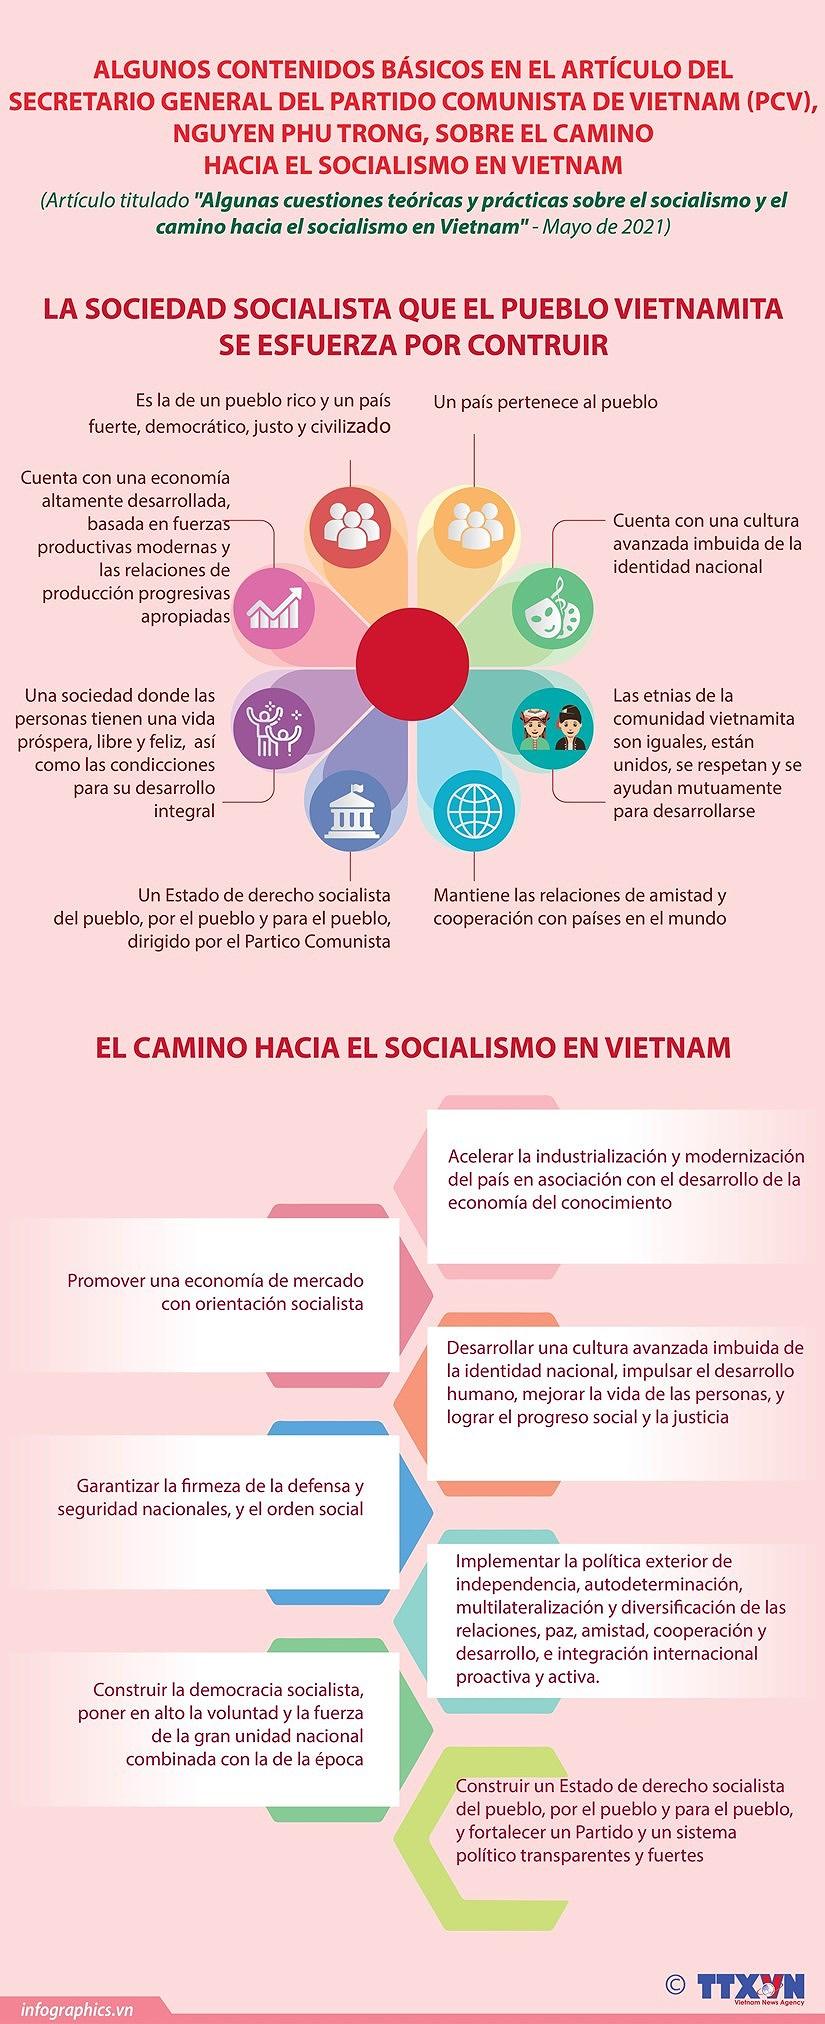 Algunas cuestiones teoricas y practicas sobre el socialismo y el camino al socialismo en Vietnam hinh anh 6